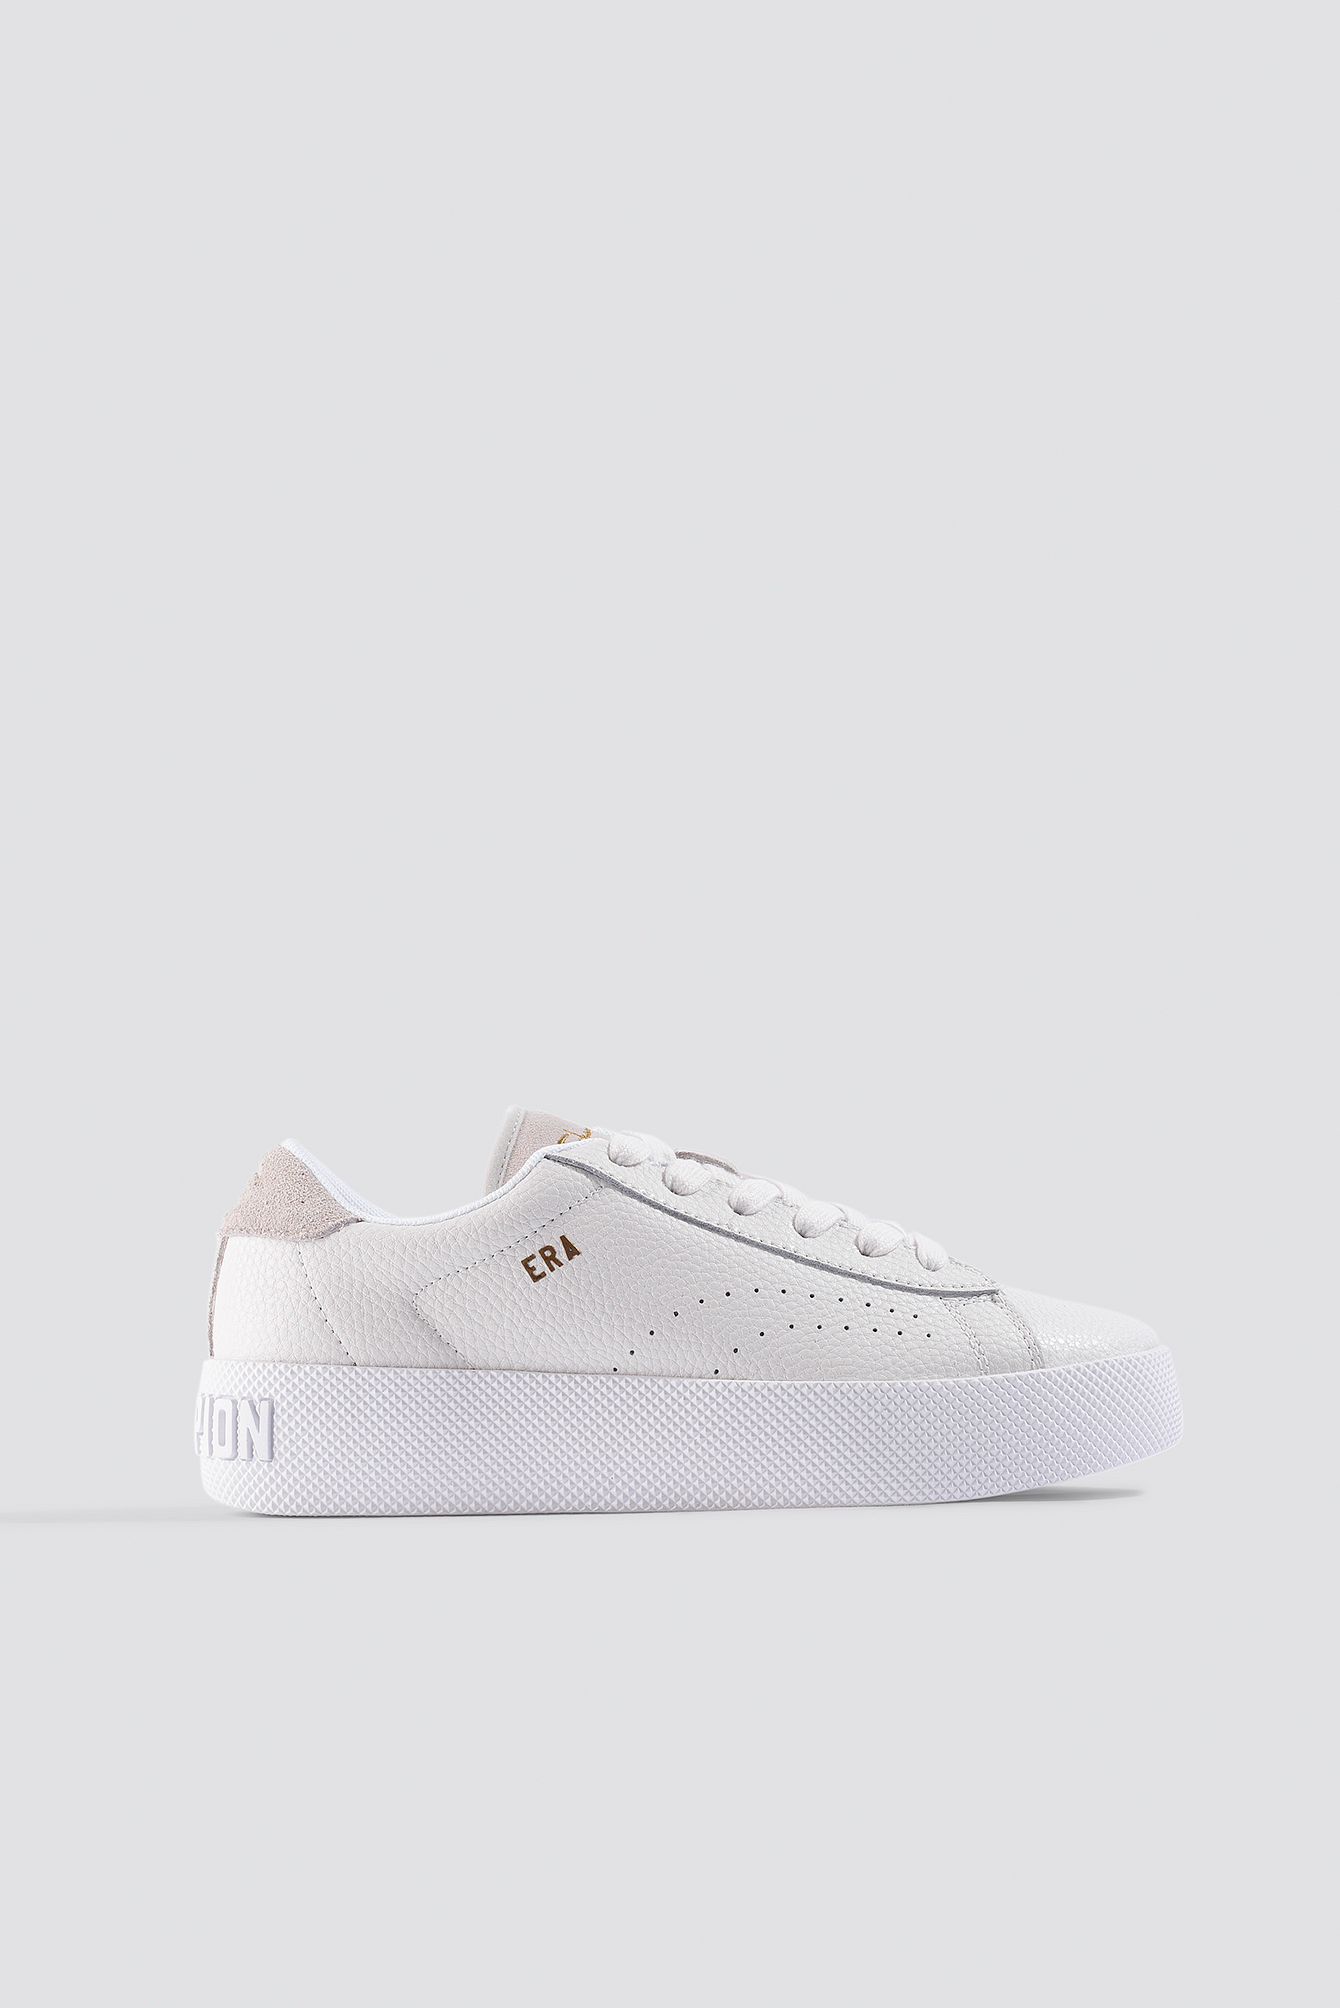 champion -  Era Leather Sneaker S10535 - White